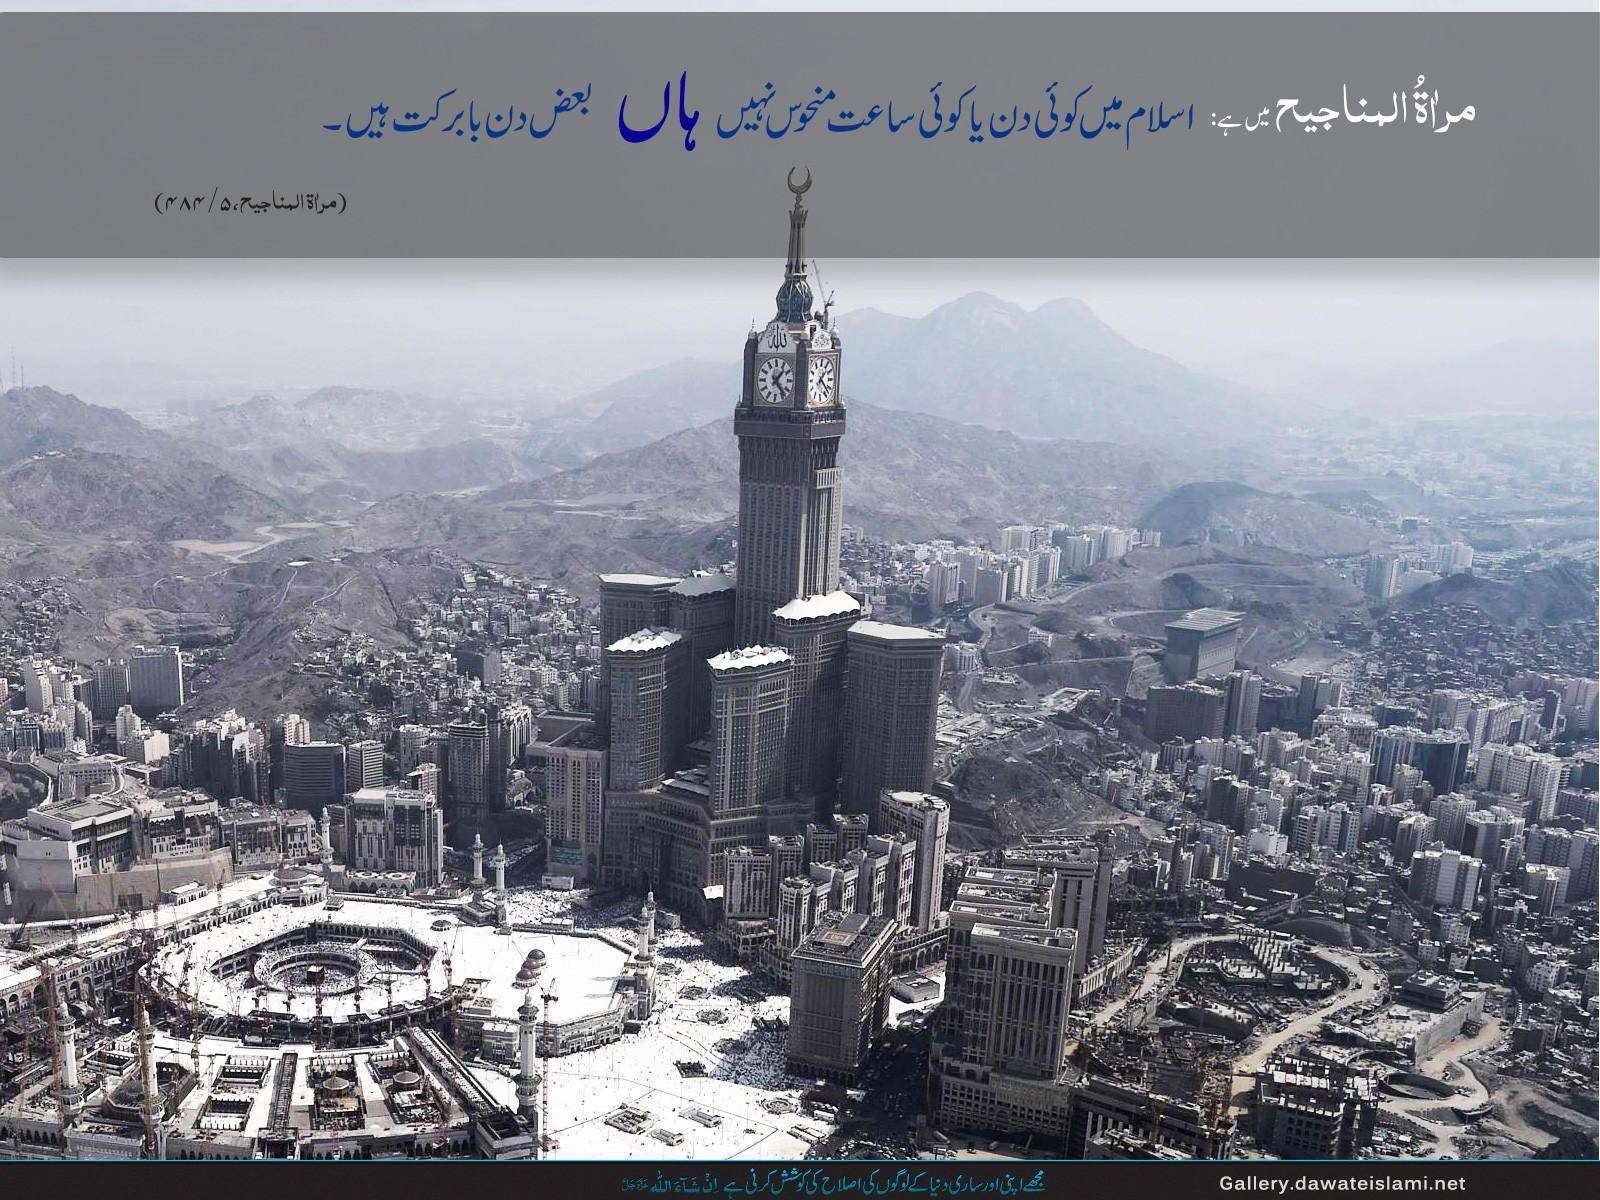 Koye Saat Koye Waqt Manhos Nahi Hai- Safar Wallpaper